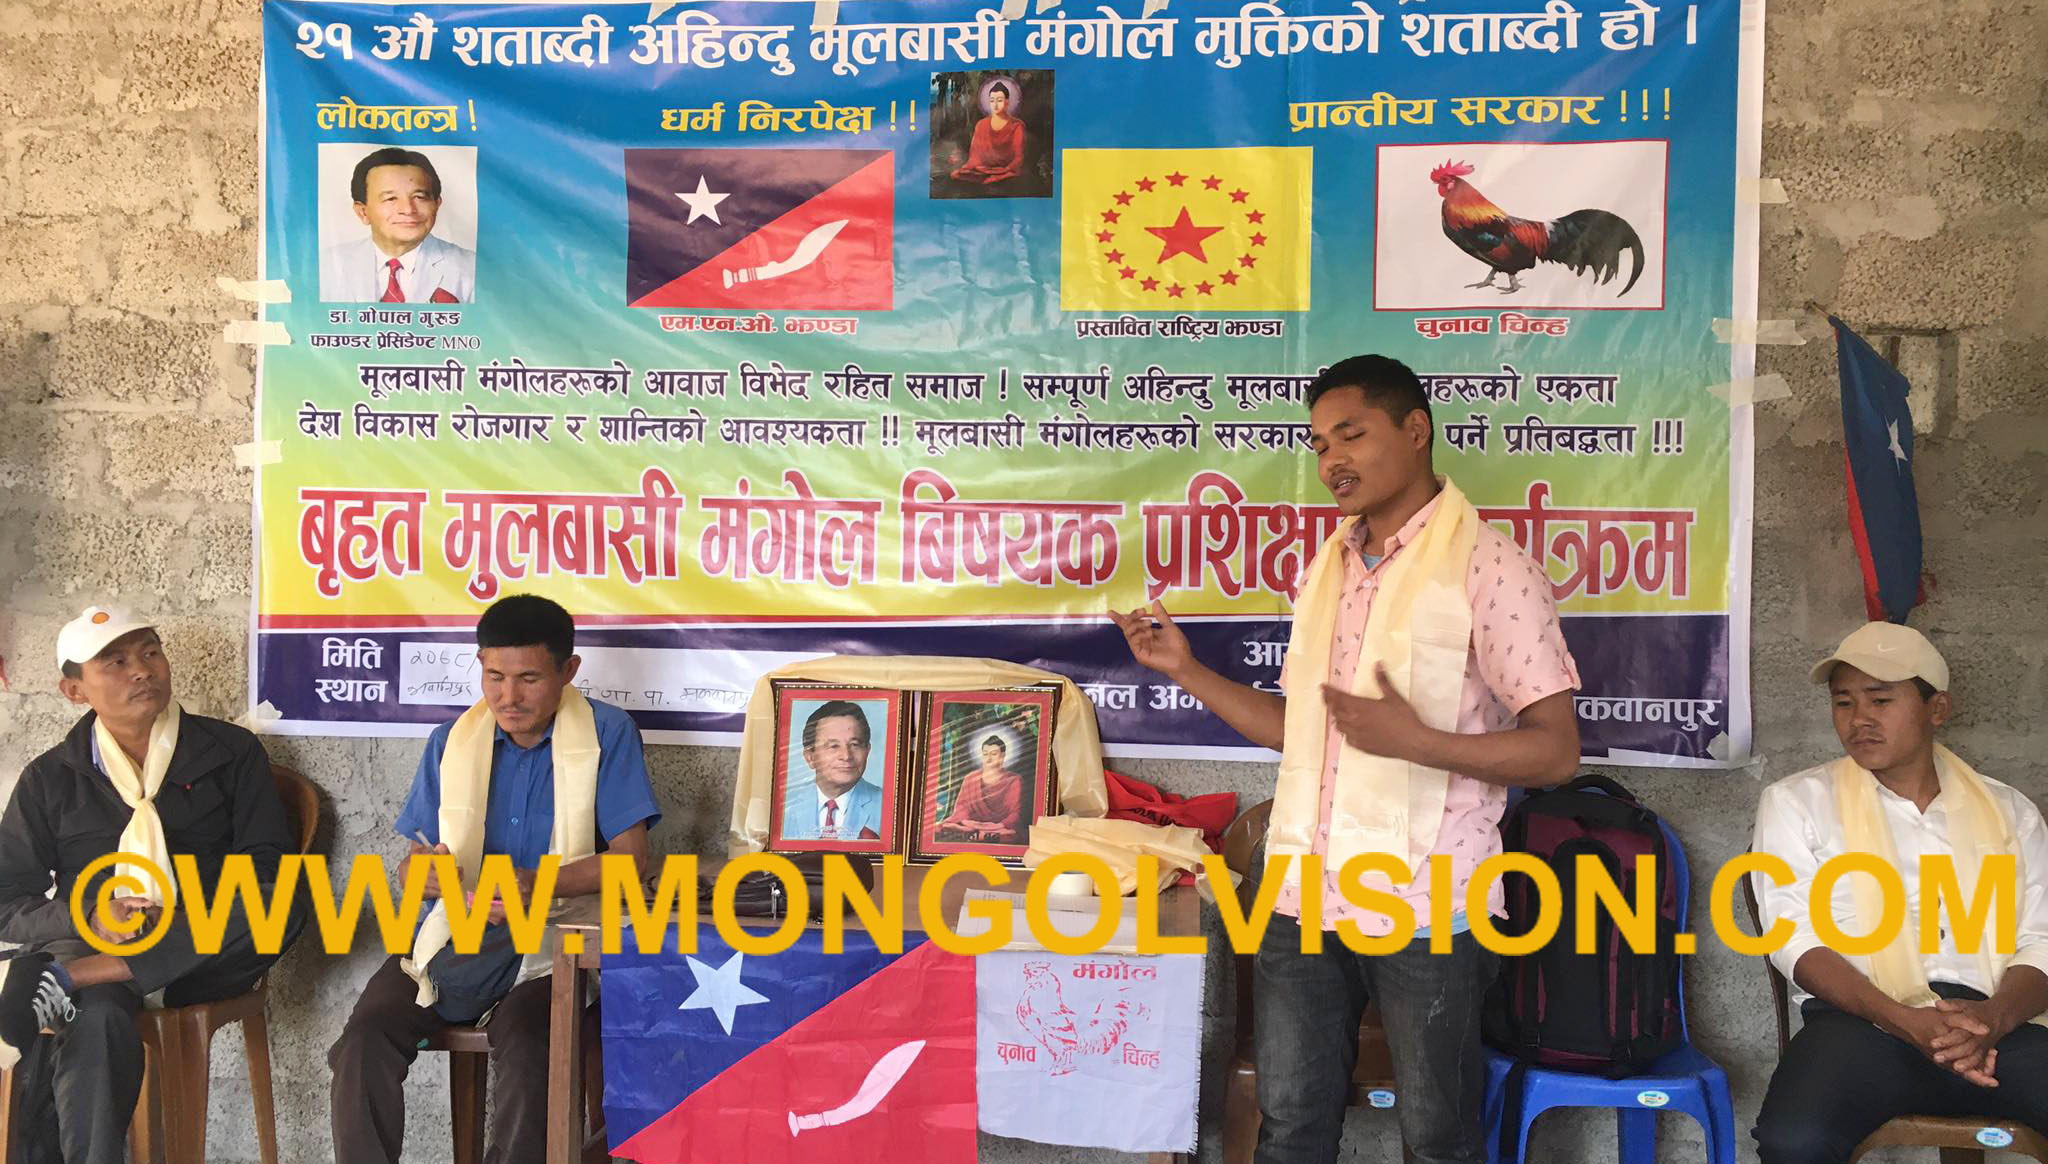 एम.एन.ओ जिल्ला सभा मकवानपुरमा प्रशिक्षण कार्यक्रम तथा वडा सभा गठन सम्पन्न